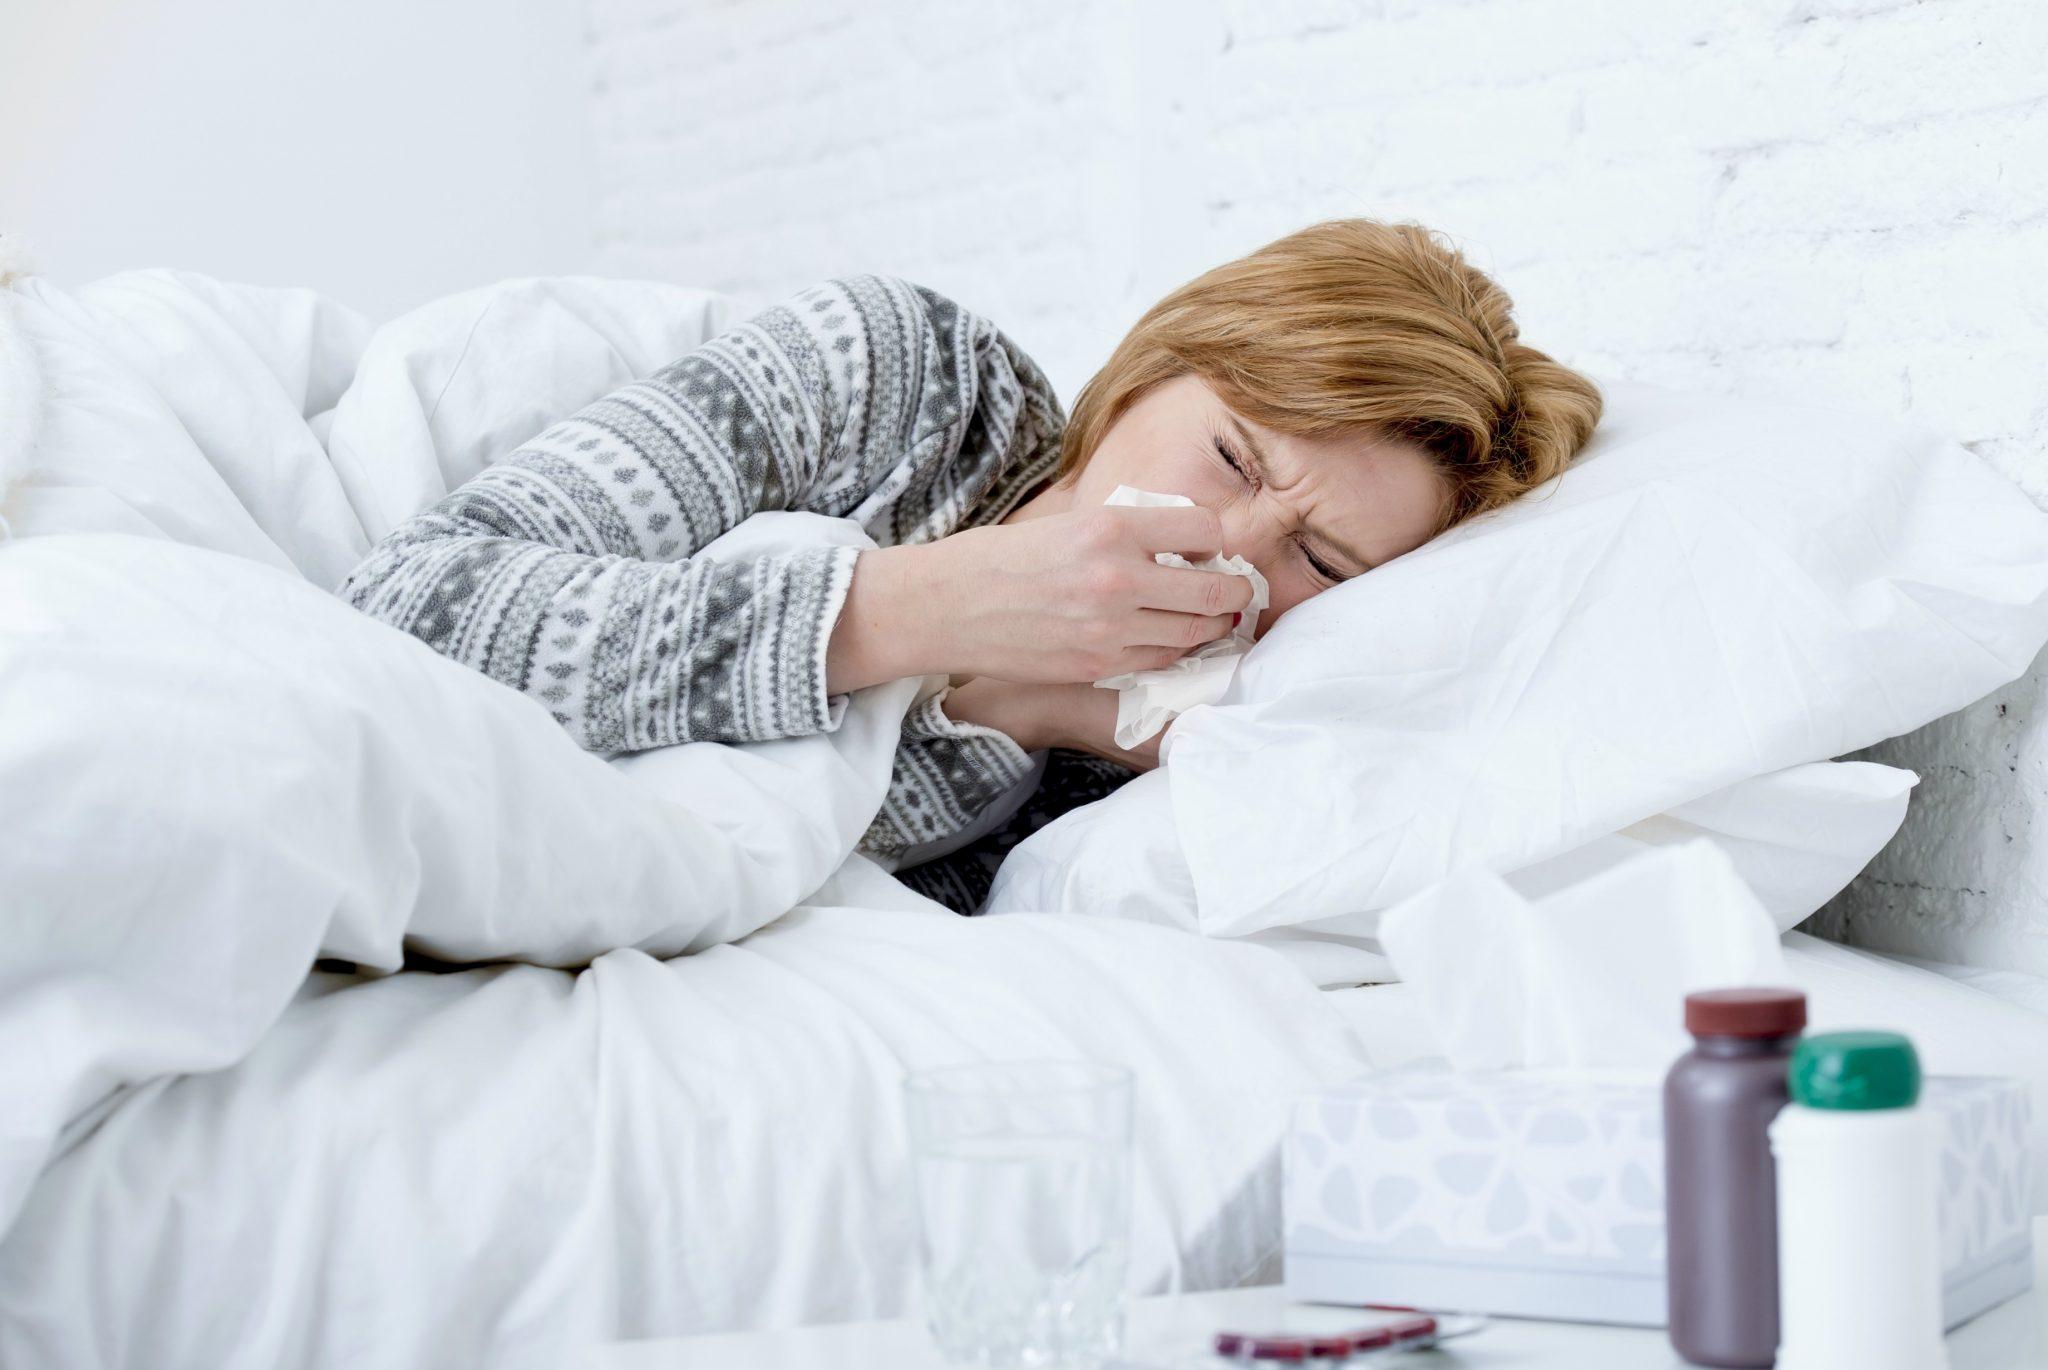 Resfriado e gripe no inverno